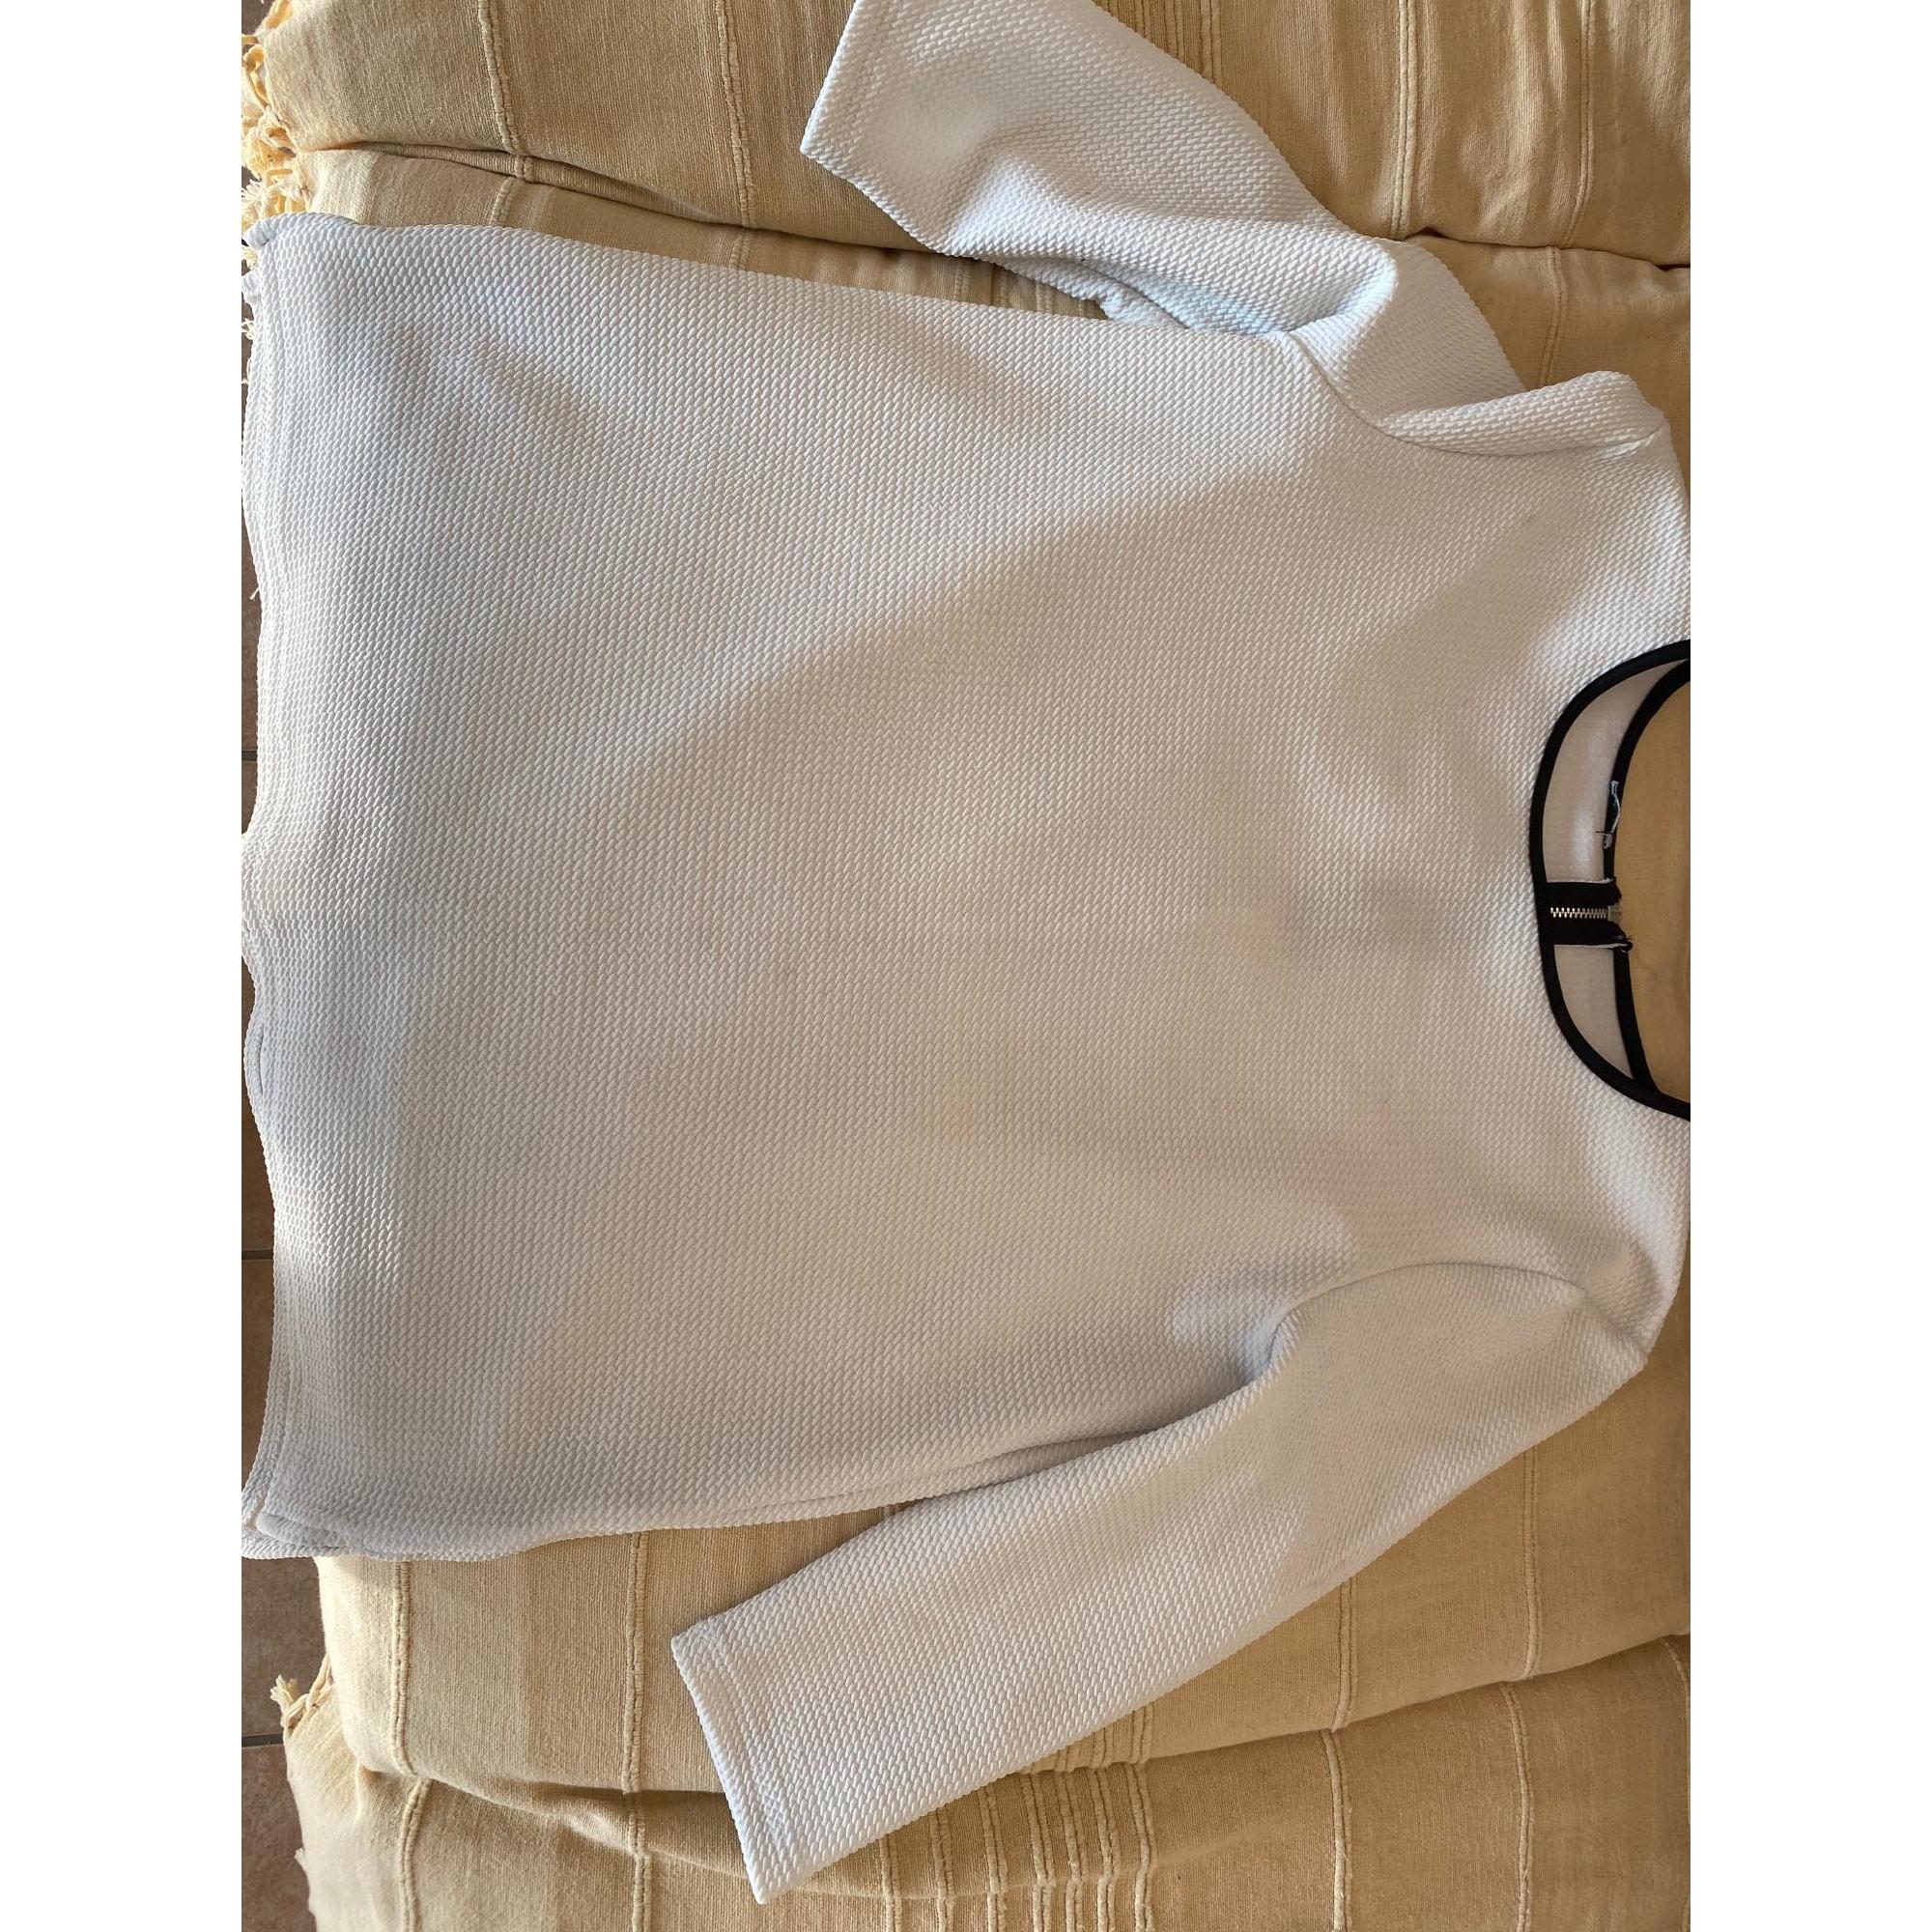 Blouse MARQUE INCONNUE Blanc, blanc cassé, écru